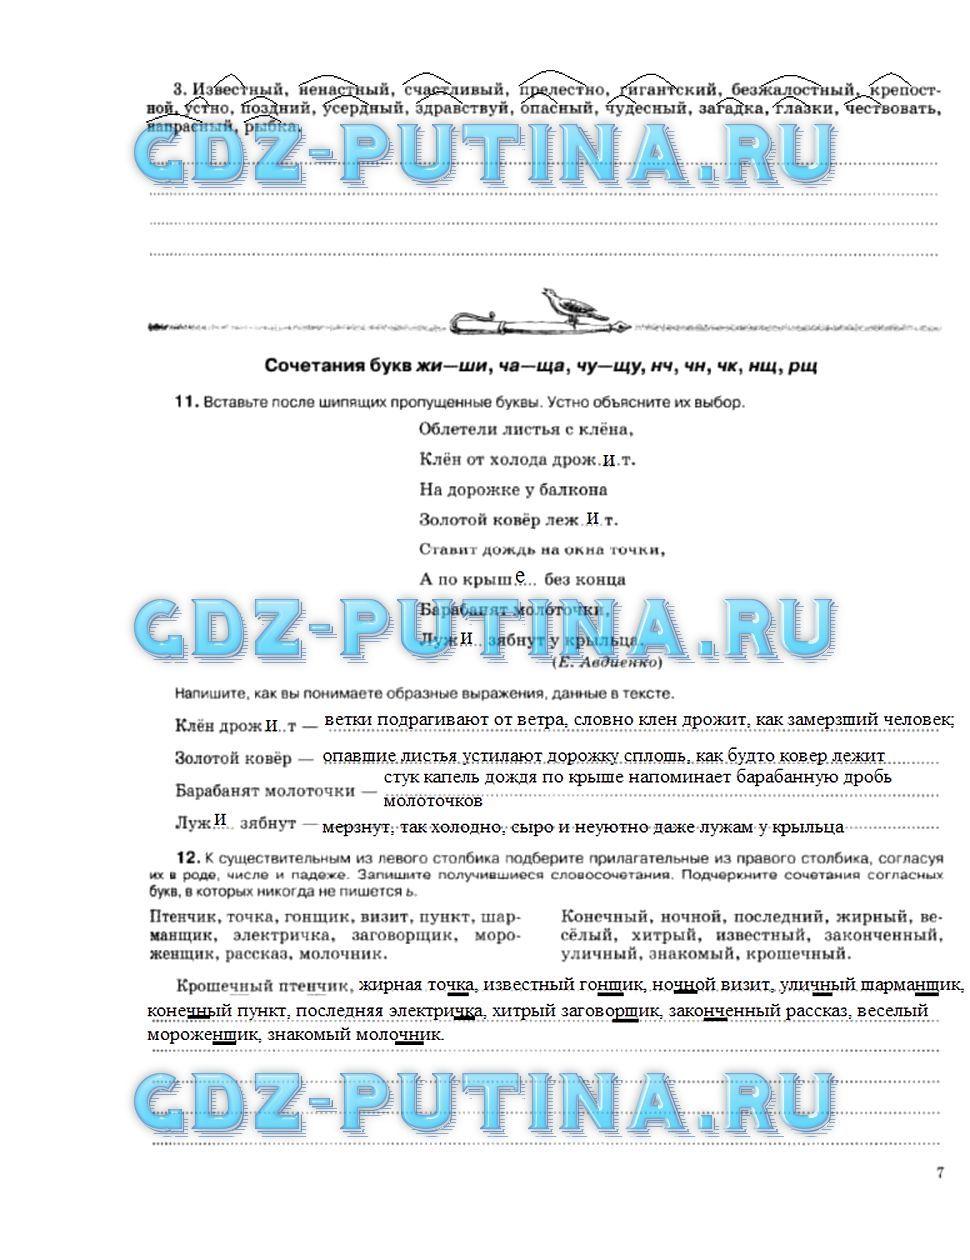 Решебник готовые домашние задания по русскому языку 5 классов разумовская леканта